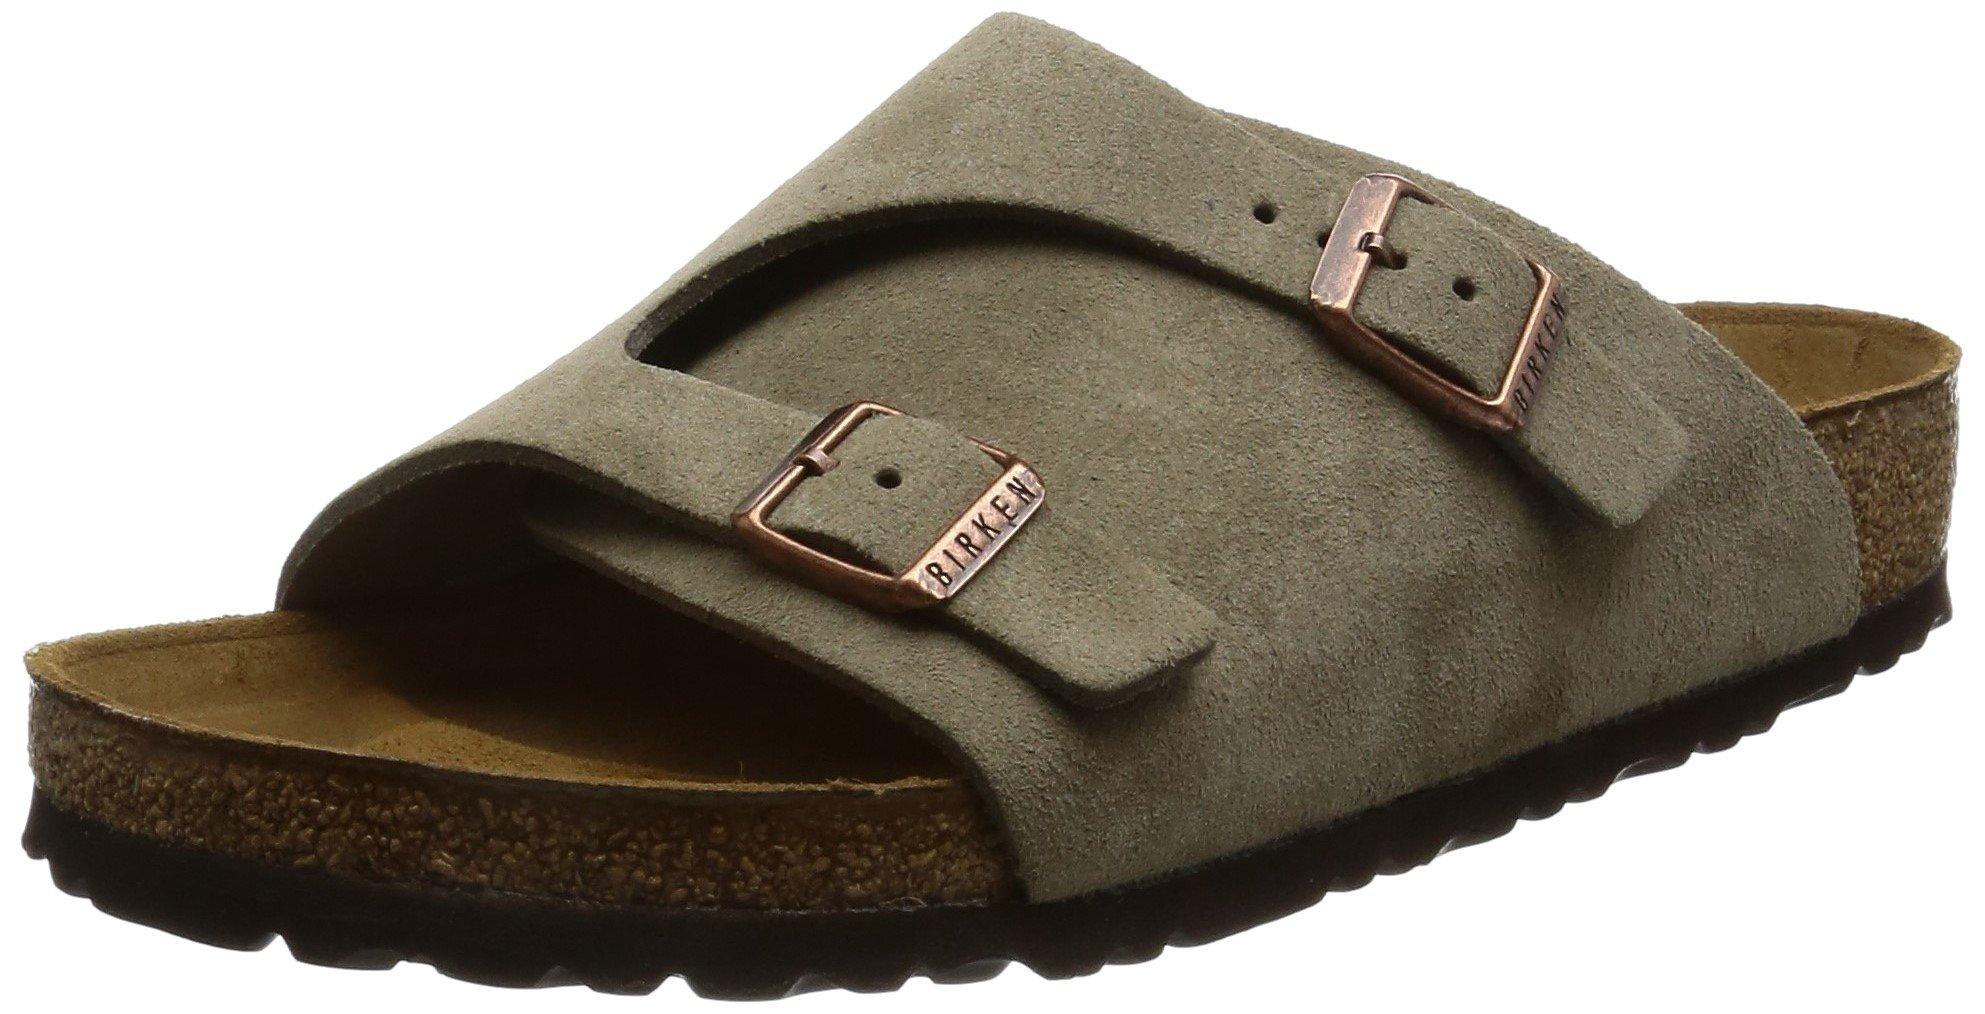 Birkenstock Zurich Sandal Taupe Suede Size 37